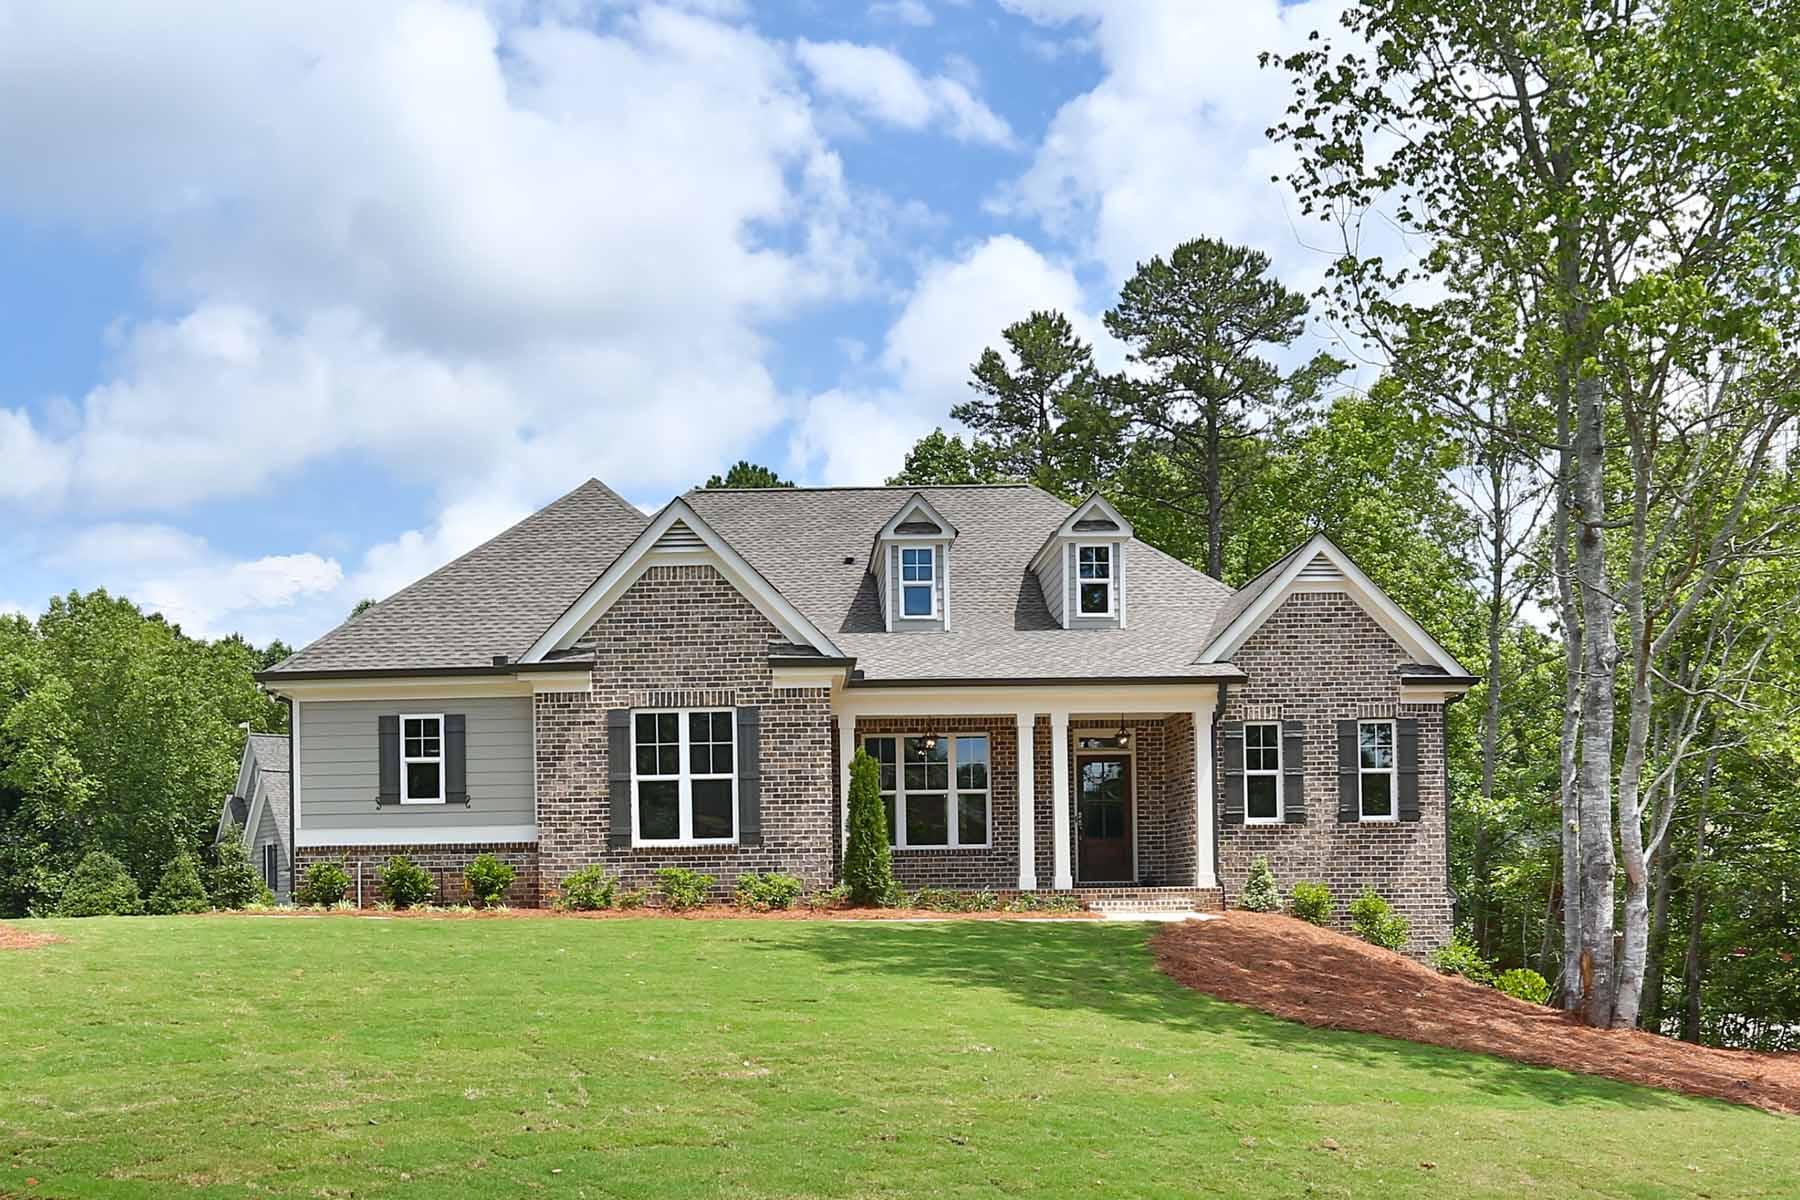 Einfamilienhaus für Verkauf beim Popular Ranch Home With Basement 3810 Bishops Walk Cumming, Georgia, 30041 Vereinigte Staaten